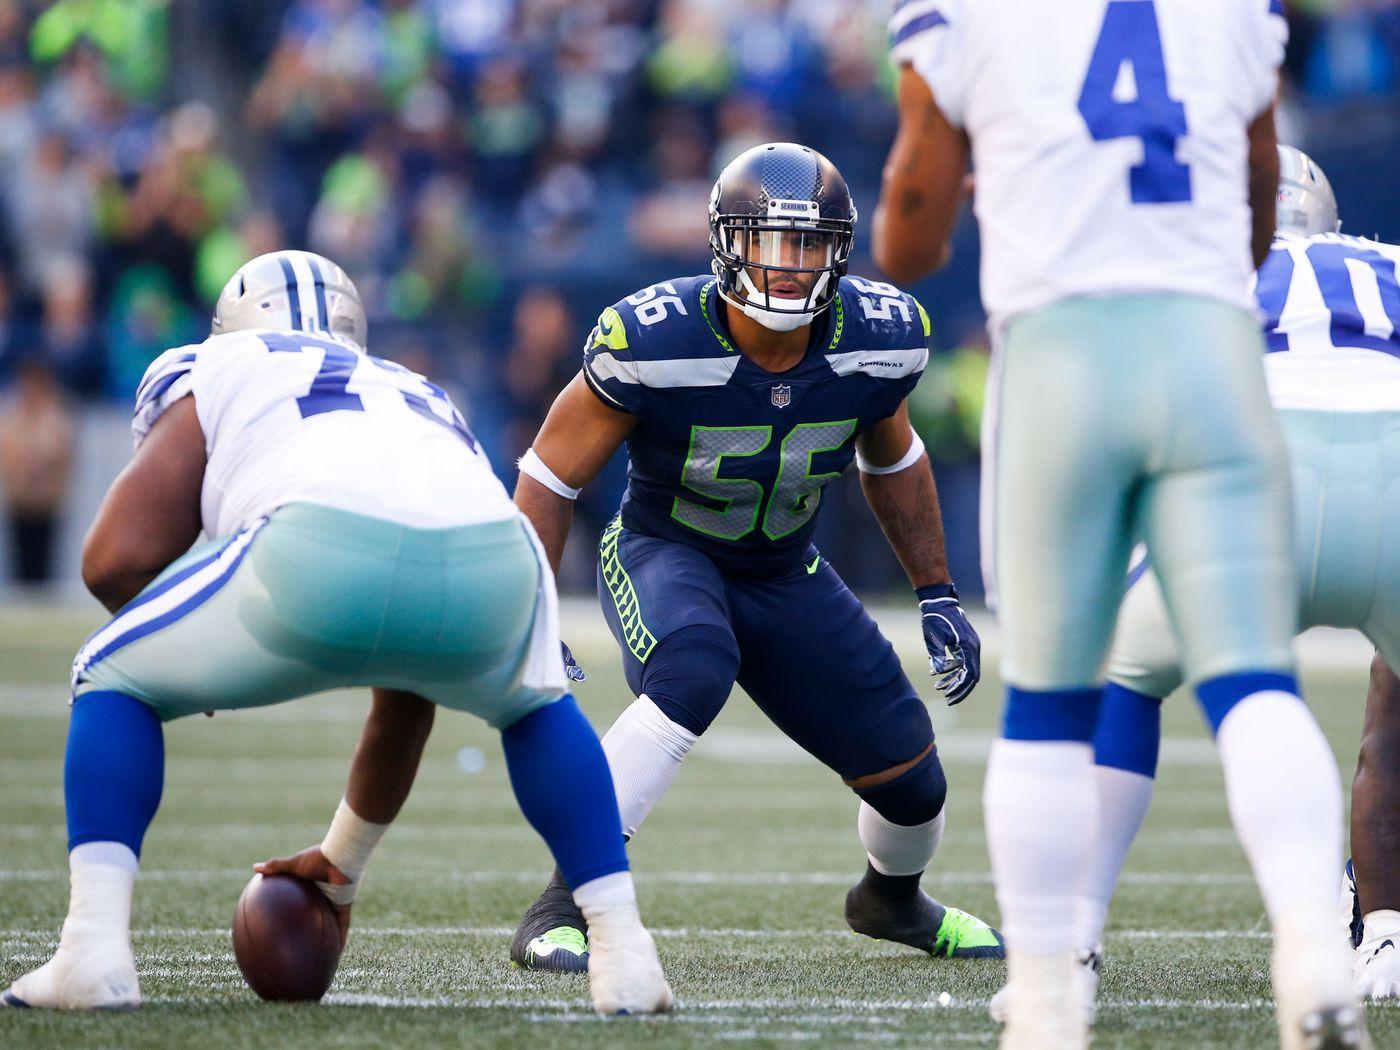 ea411c83a Seahawks get Mychal Kendricks back after 8-game ban for insider trading -  SBNation.com